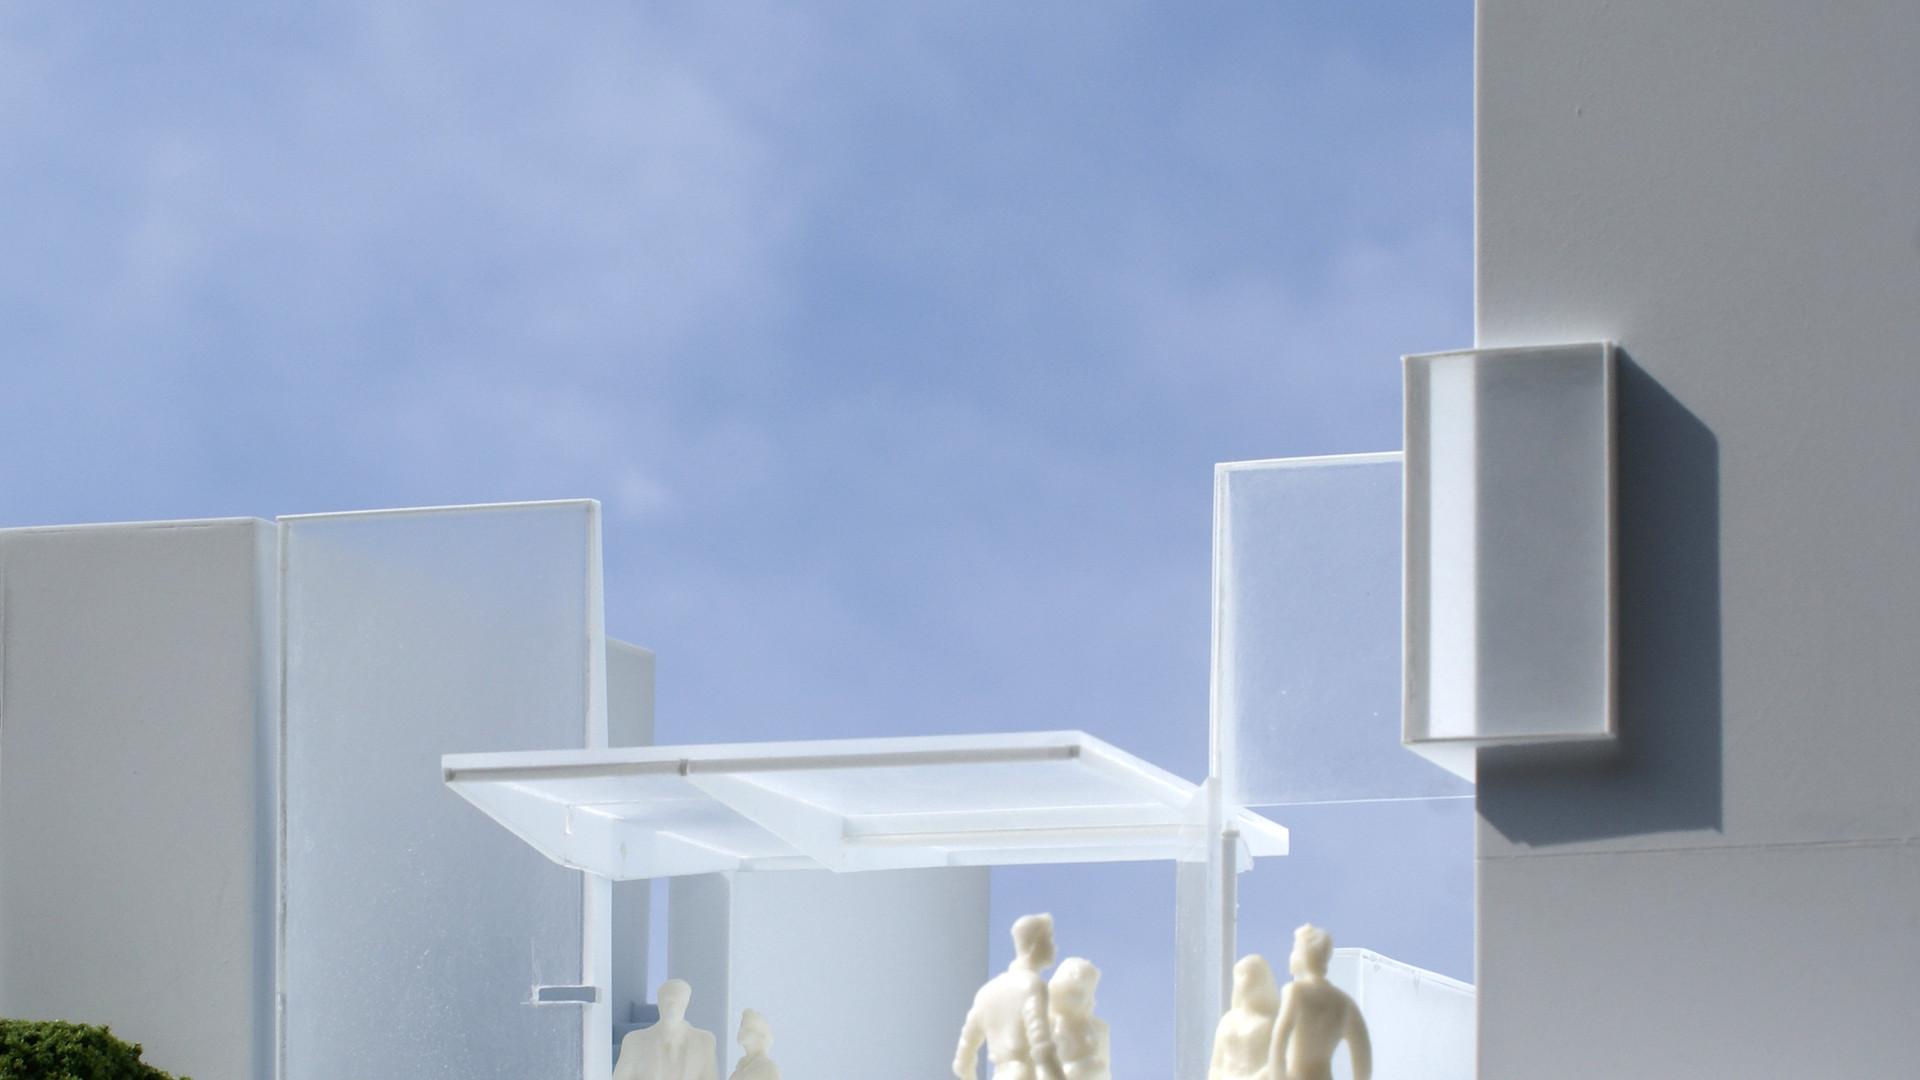 art walk detail model 52.jpg